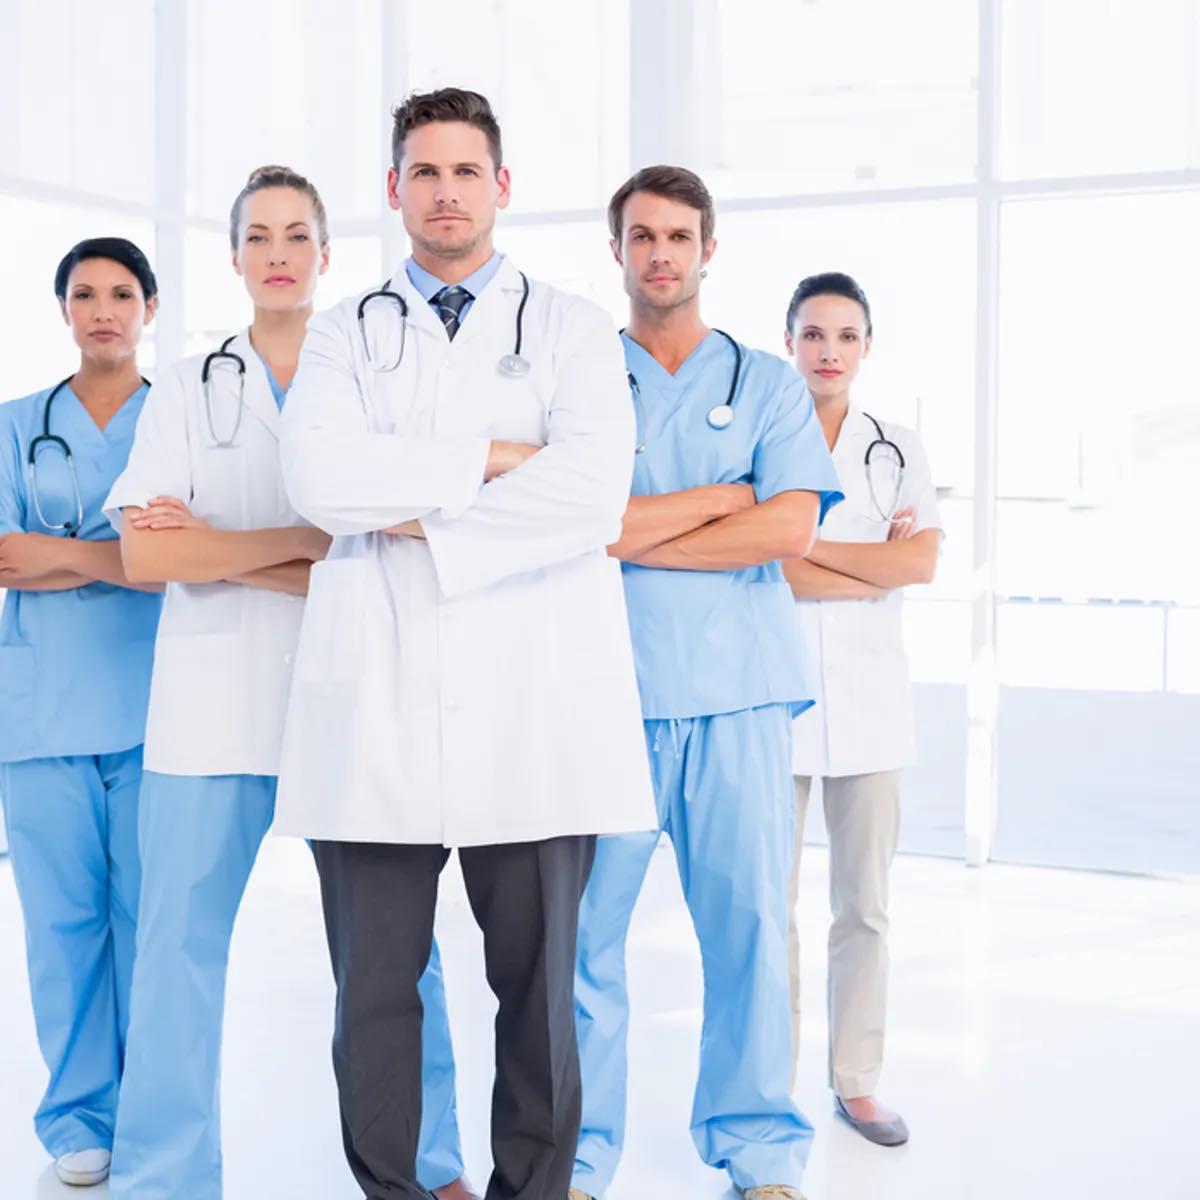 مطلوب اطباء و استشاريين و اخصائيين للعمل في  كبرى الجهات في الخليج